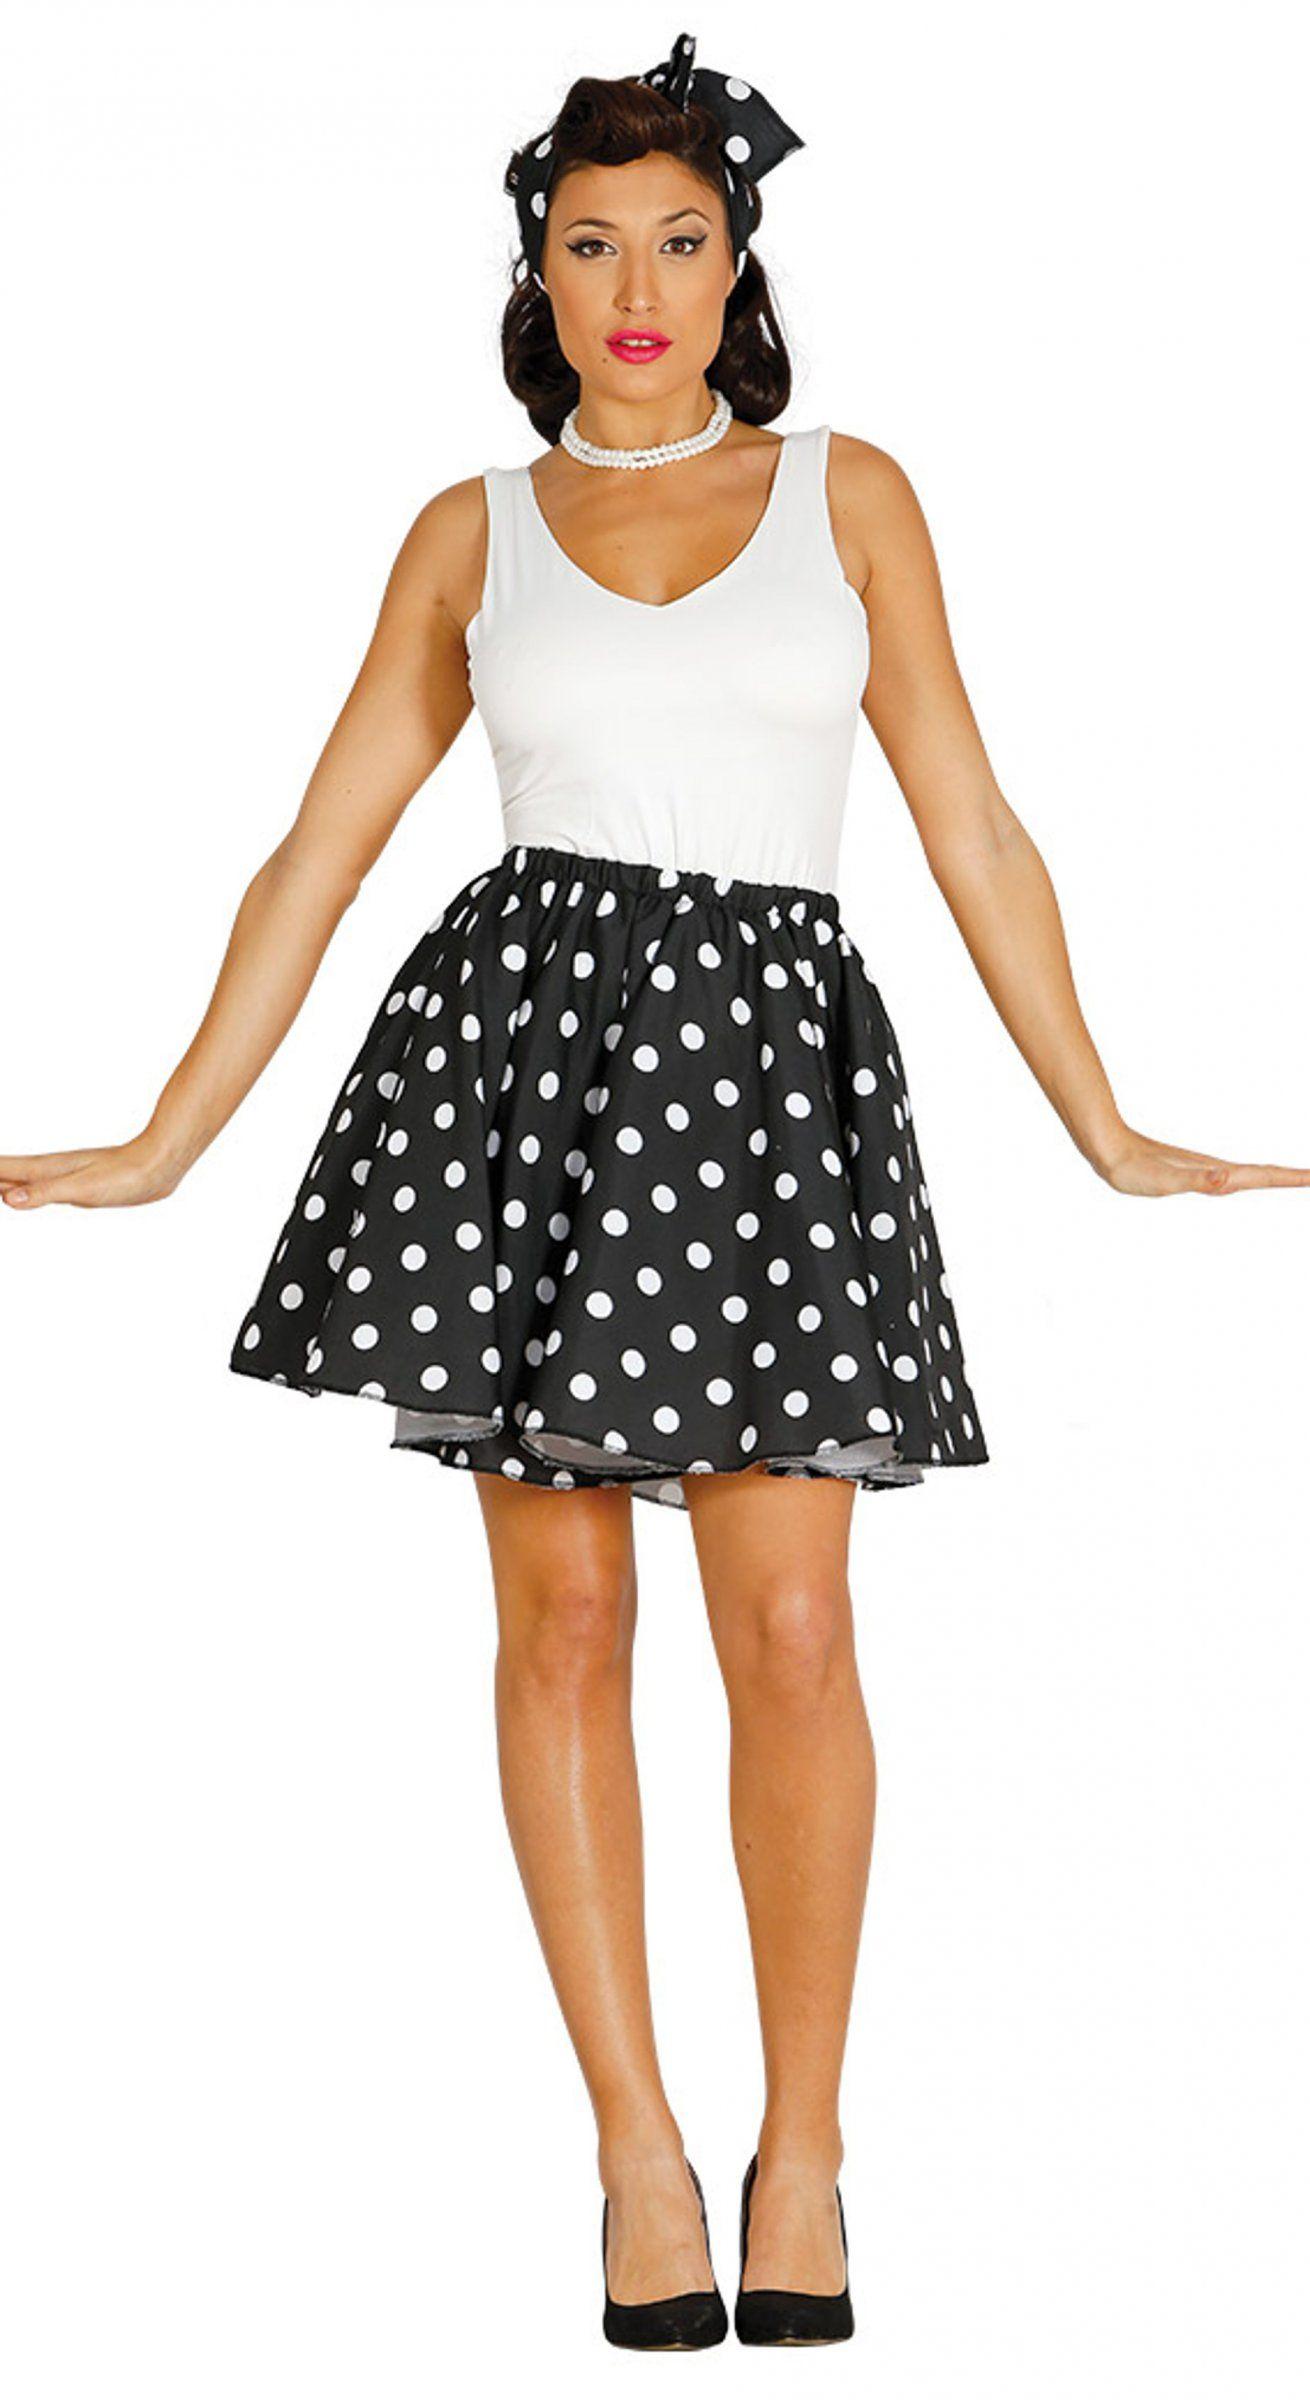 dedf8ecc50297 Falda con pañuelo negro puntos blancos años 50 mujer  Este disfraz de años  50 está